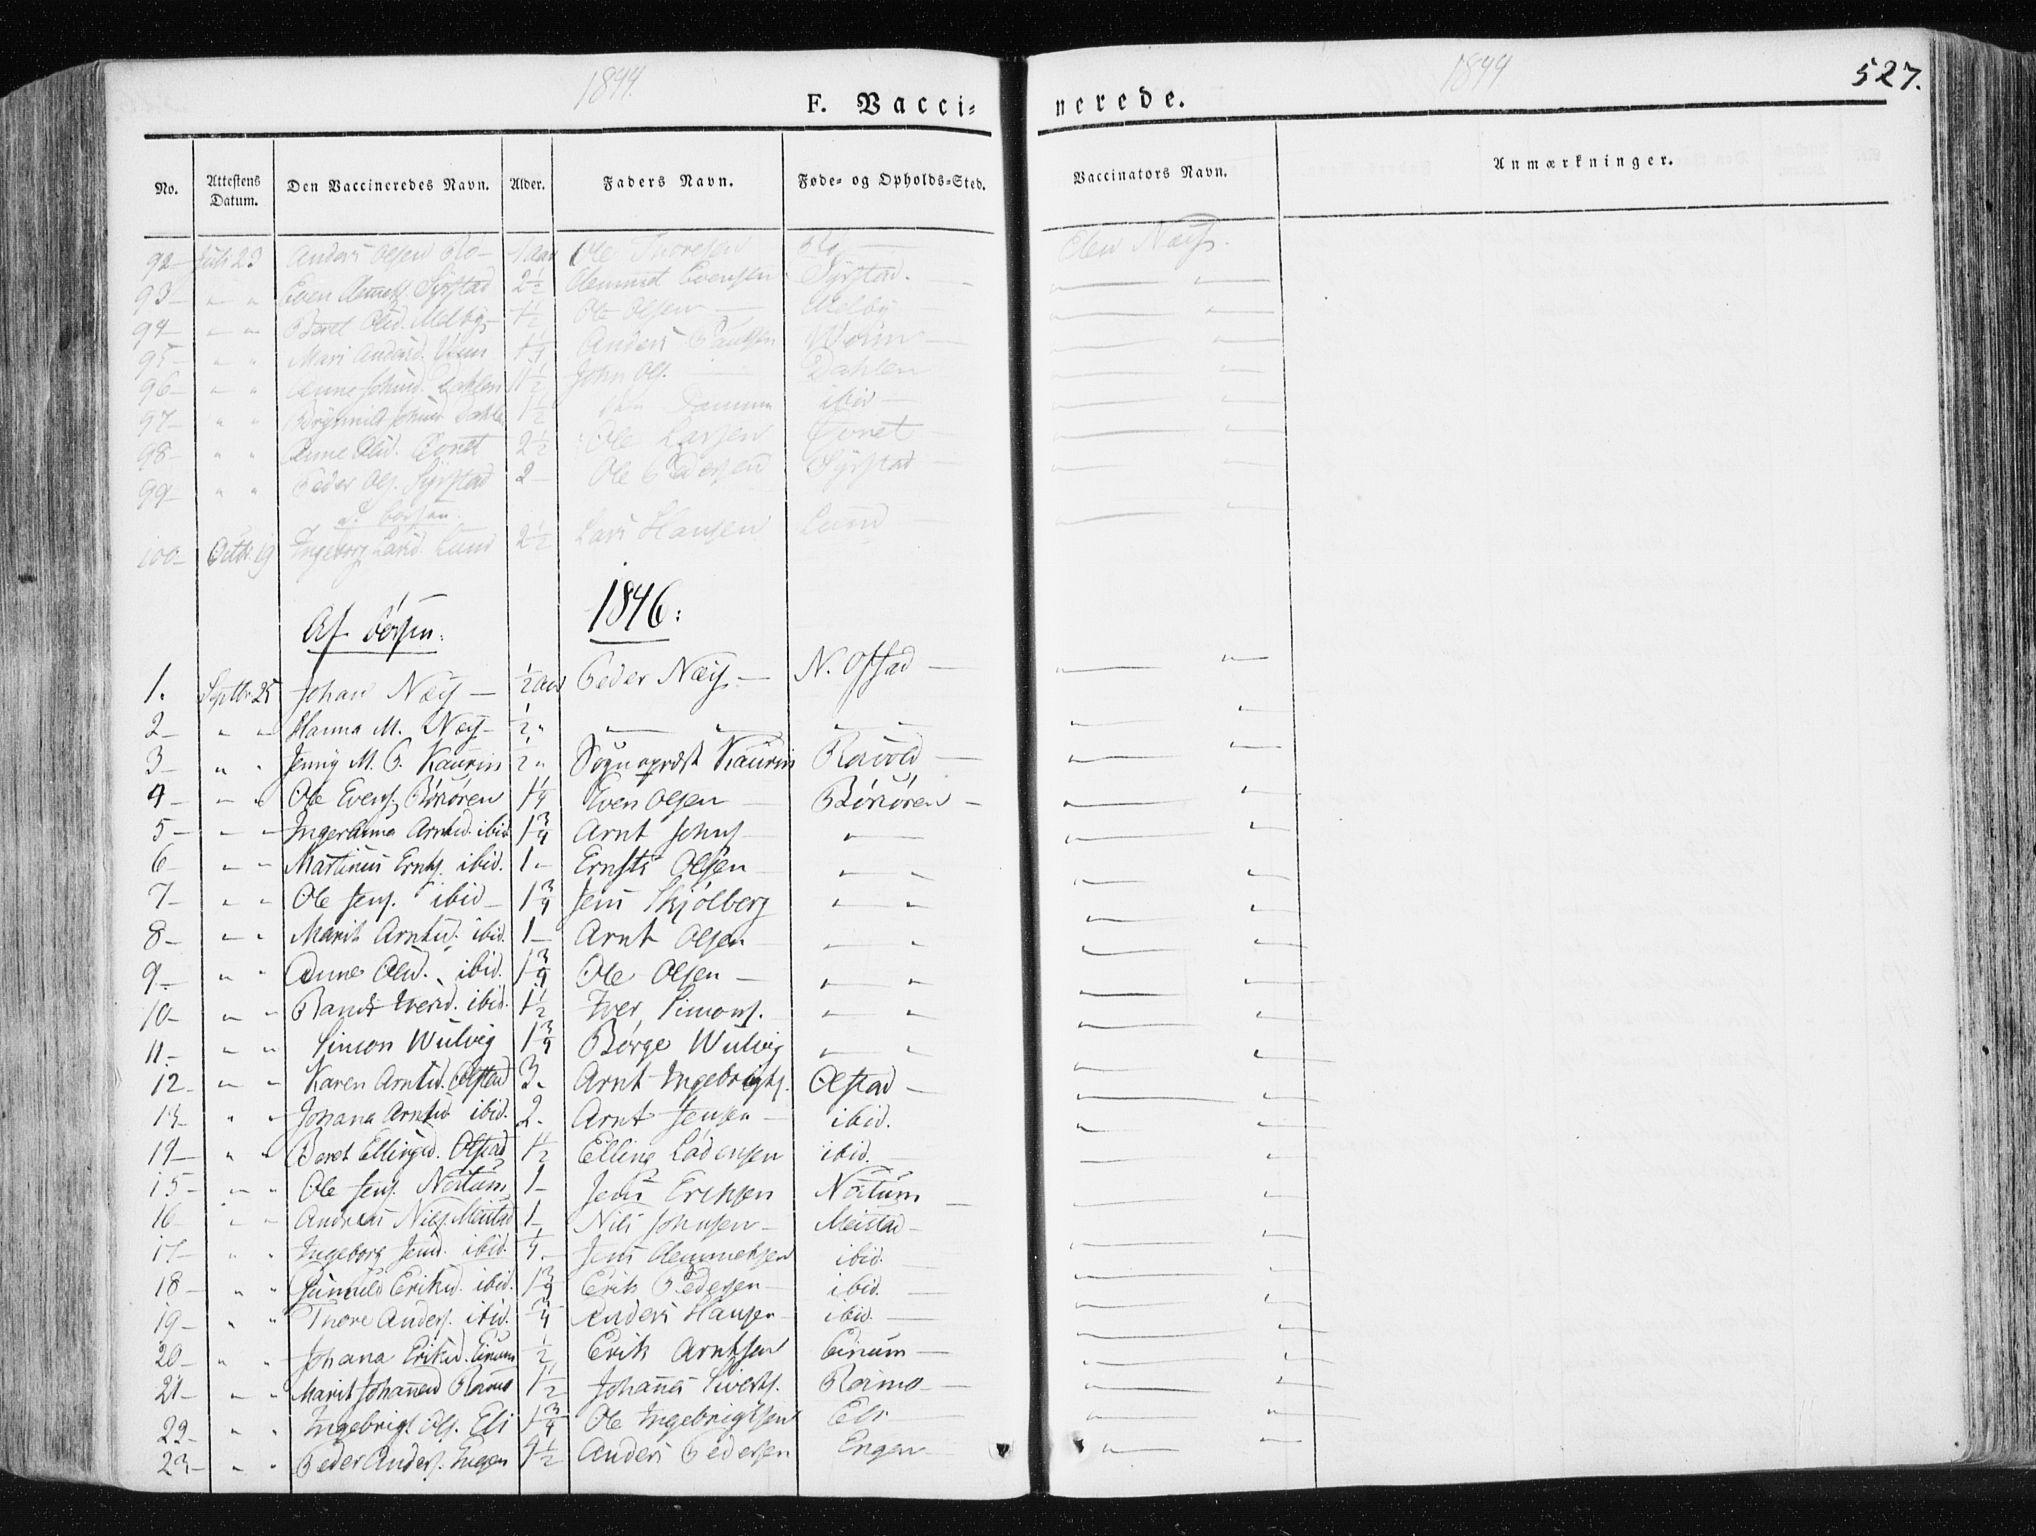 SAT, Ministerialprotokoller, klokkerbøker og fødselsregistre - Sør-Trøndelag, 665/L0771: Ministerialbok nr. 665A06, 1830-1856, s. 527